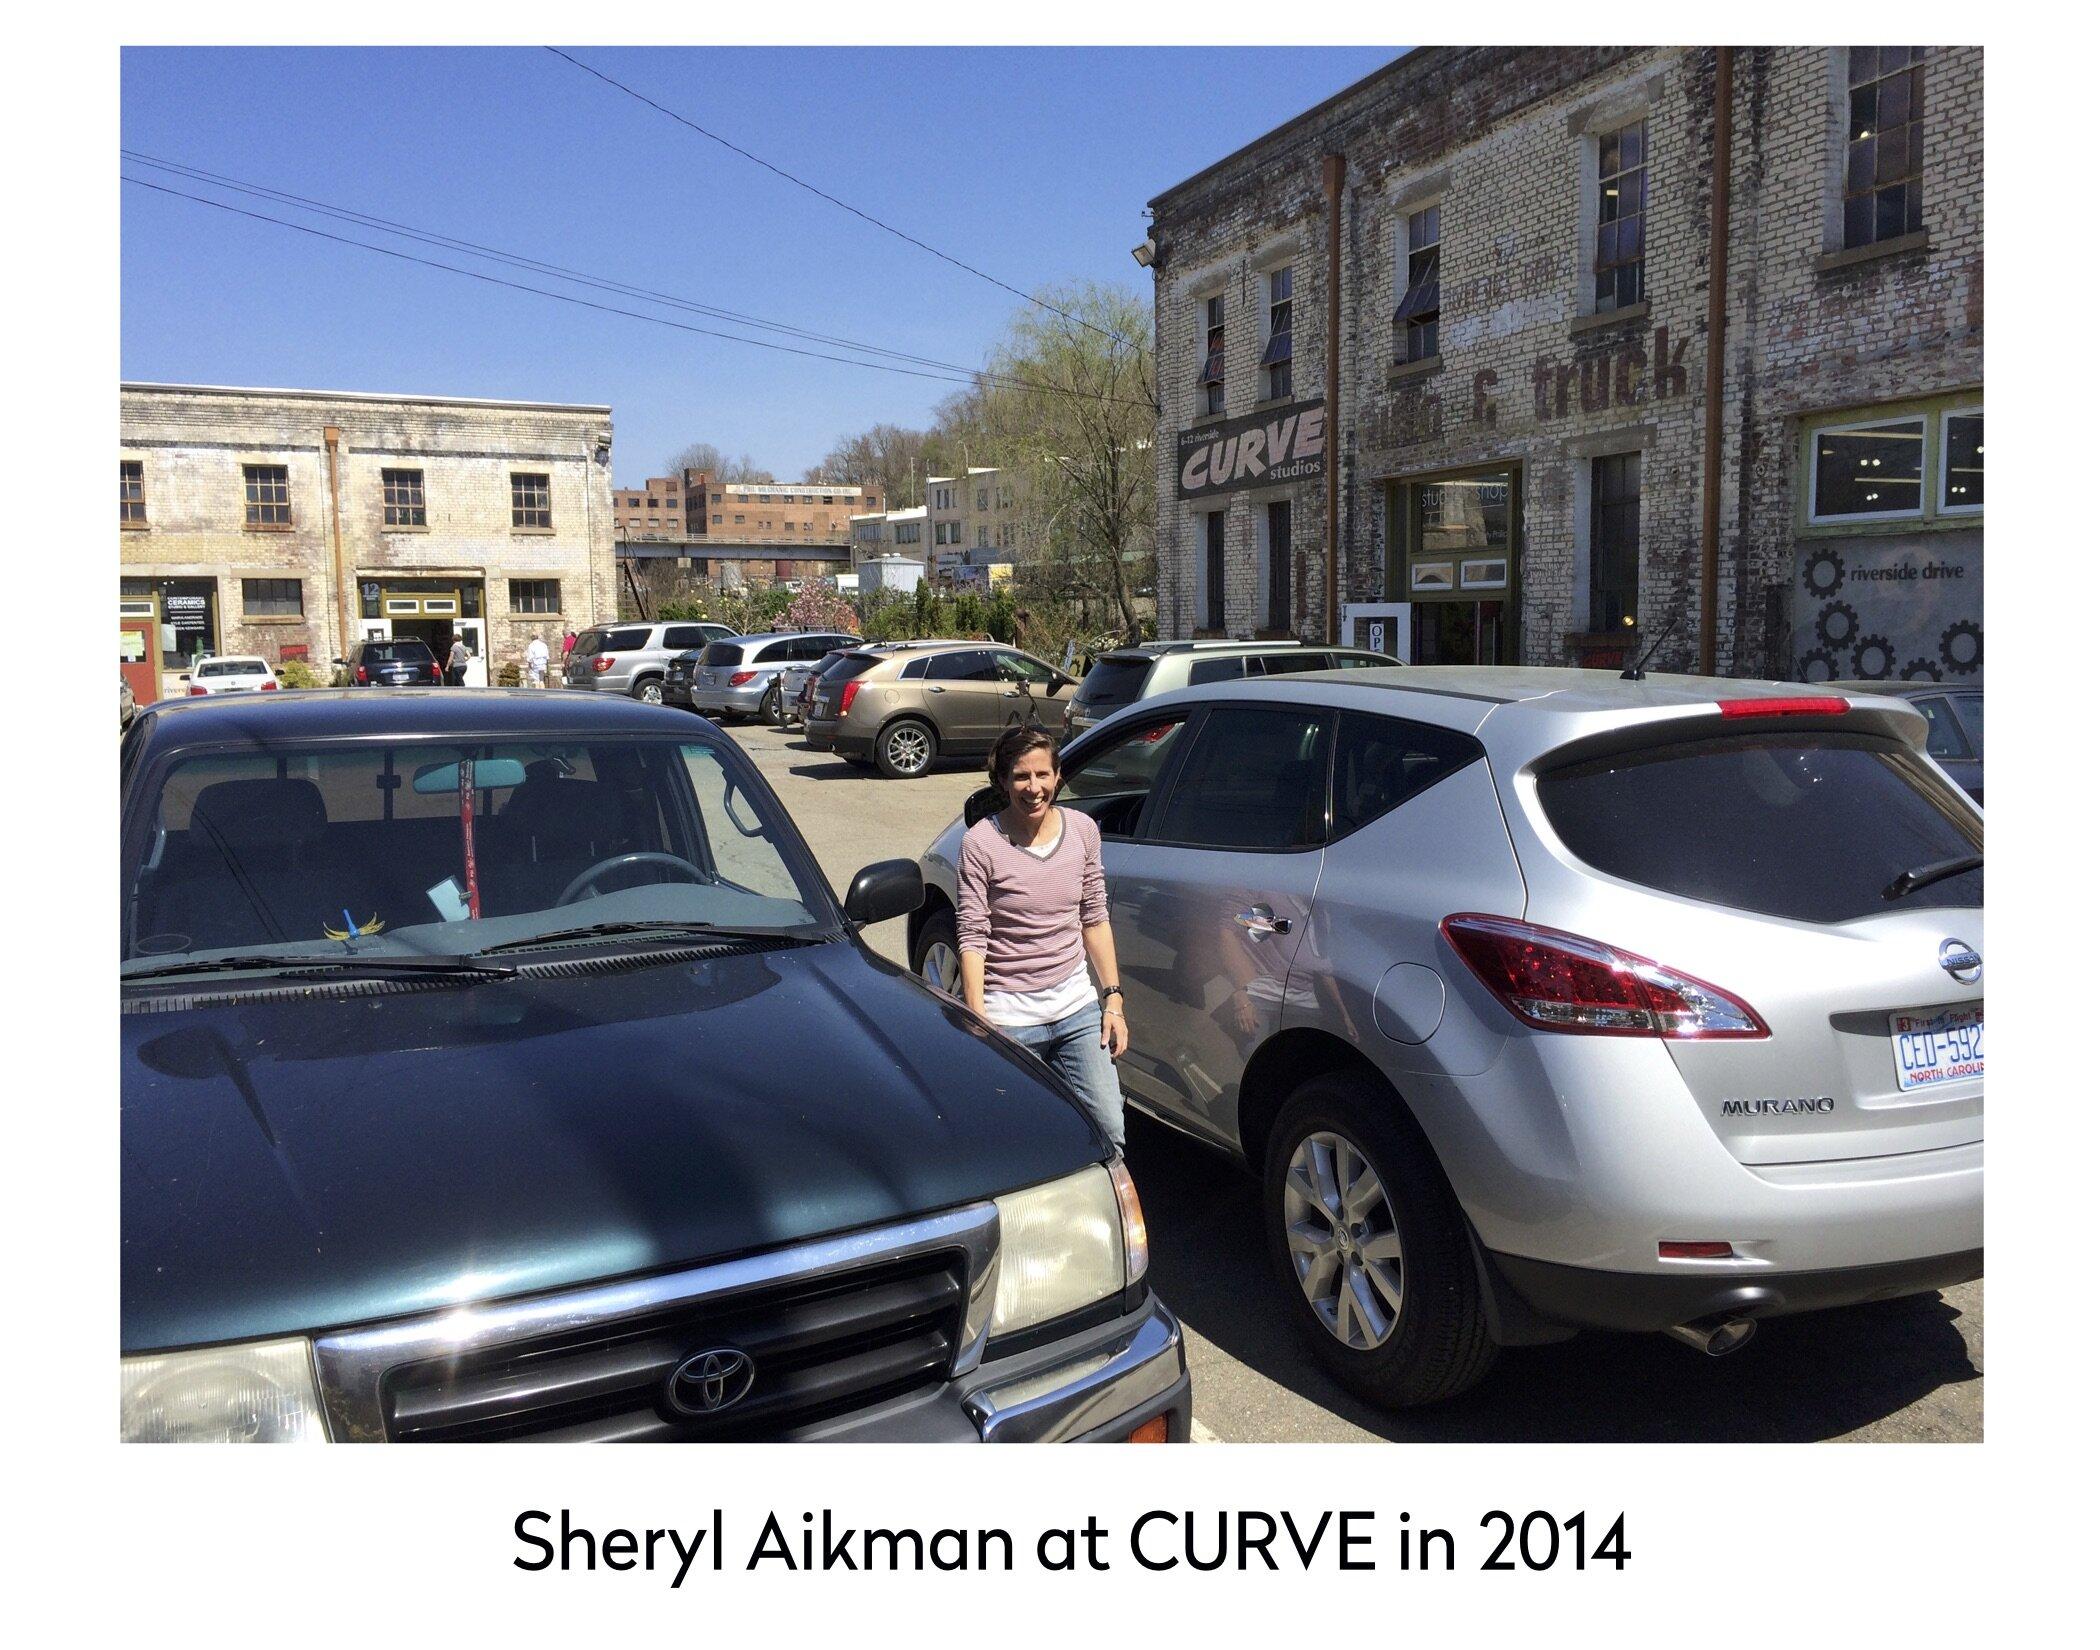 sheryl aikman curve 2014.jpg